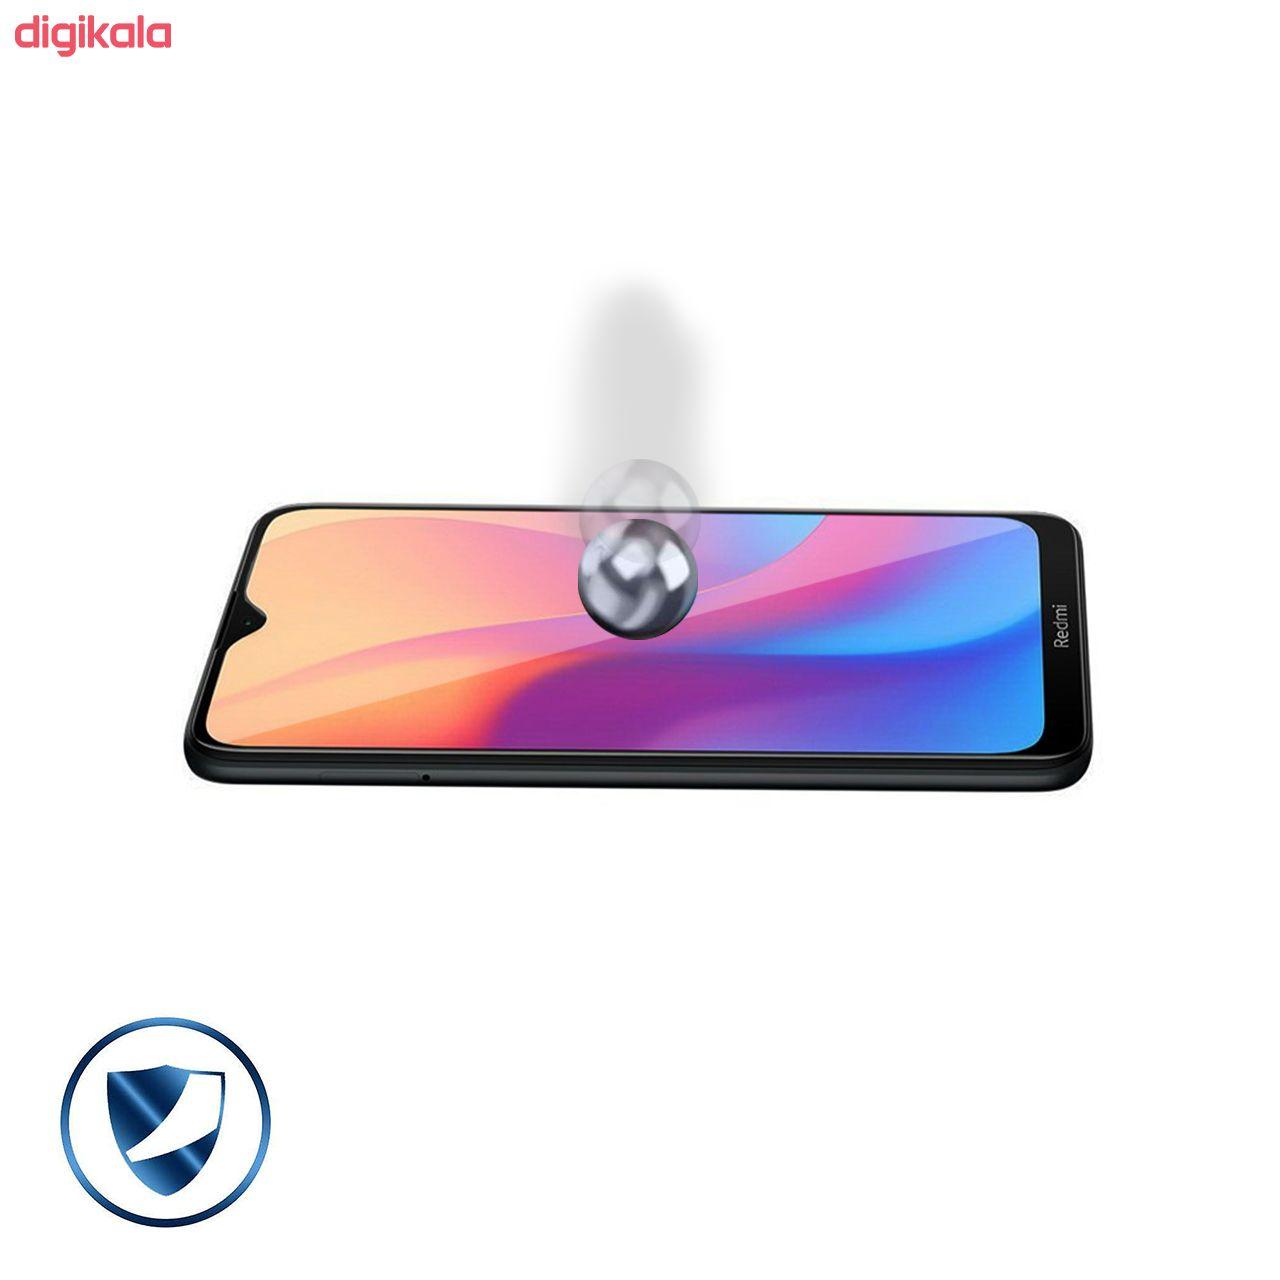 محافظ صفحه نمایش سیحان مدل FG مناسب برای گوشی موبایل شیائومی Redmi 9 main 1 4